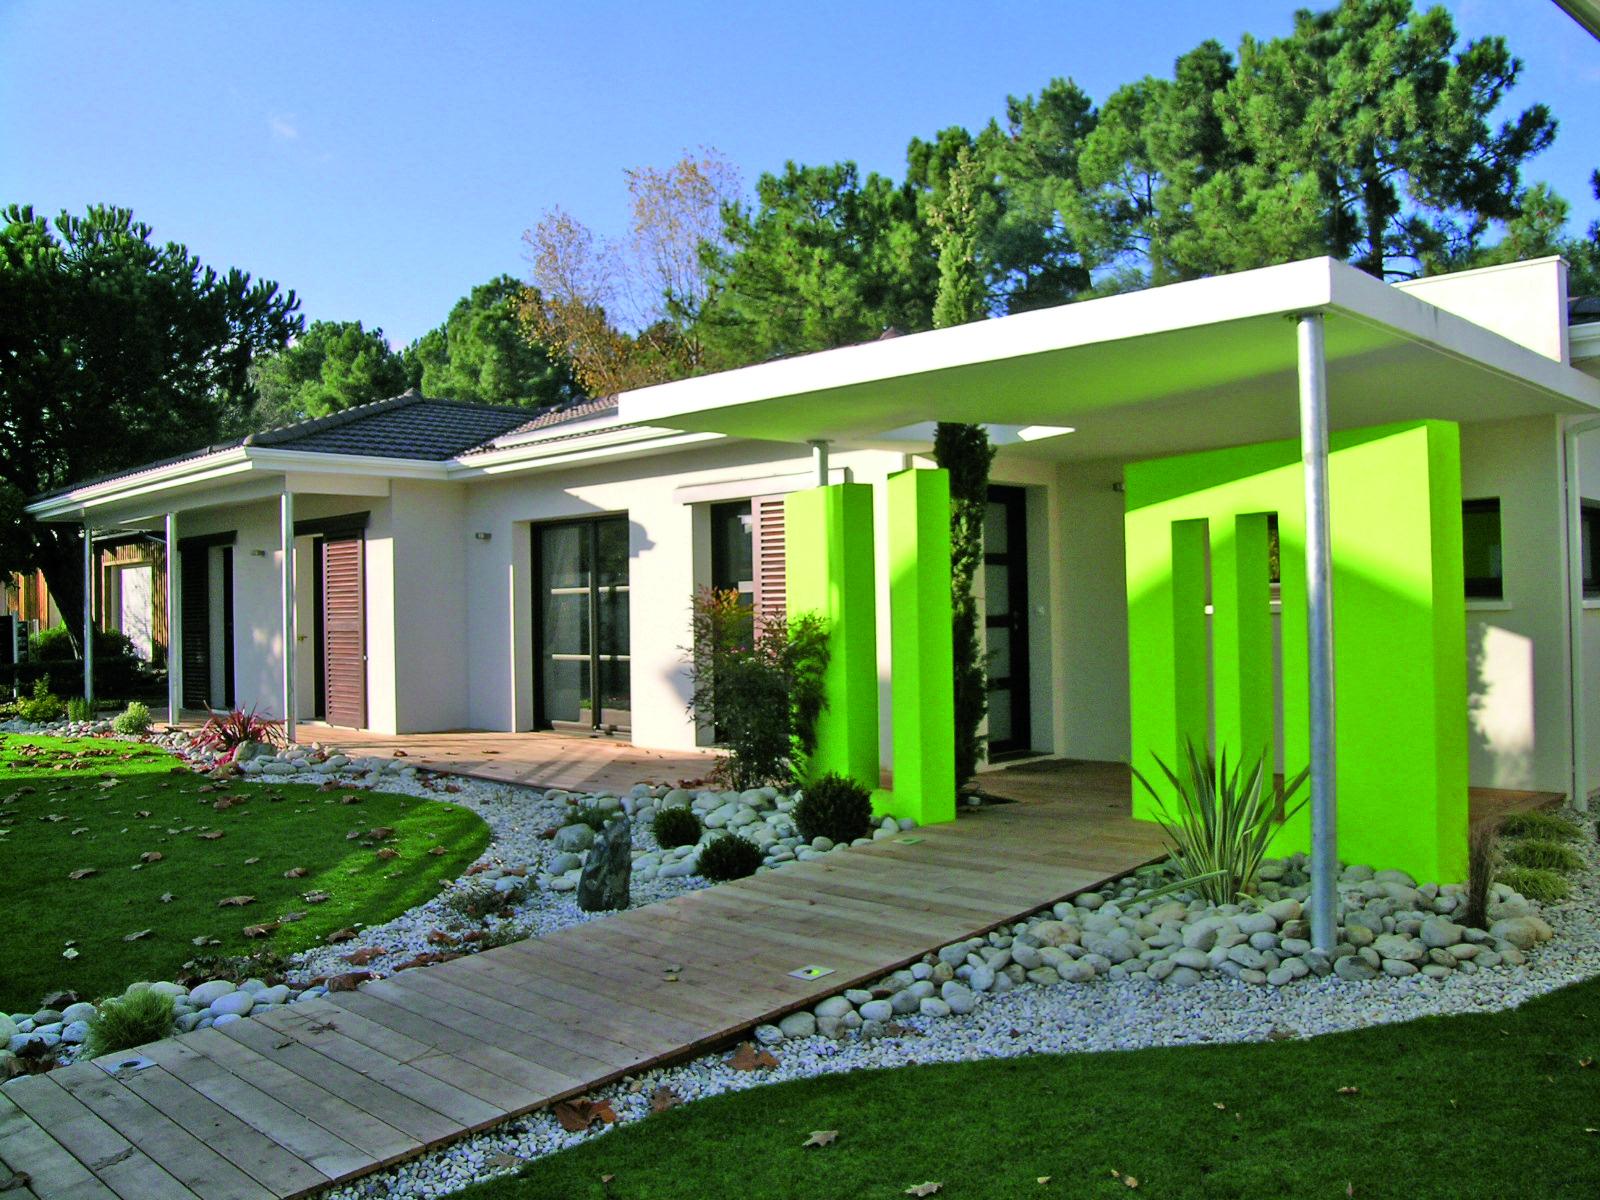 Igc construction constructeur maisons individuelles for Maison igc